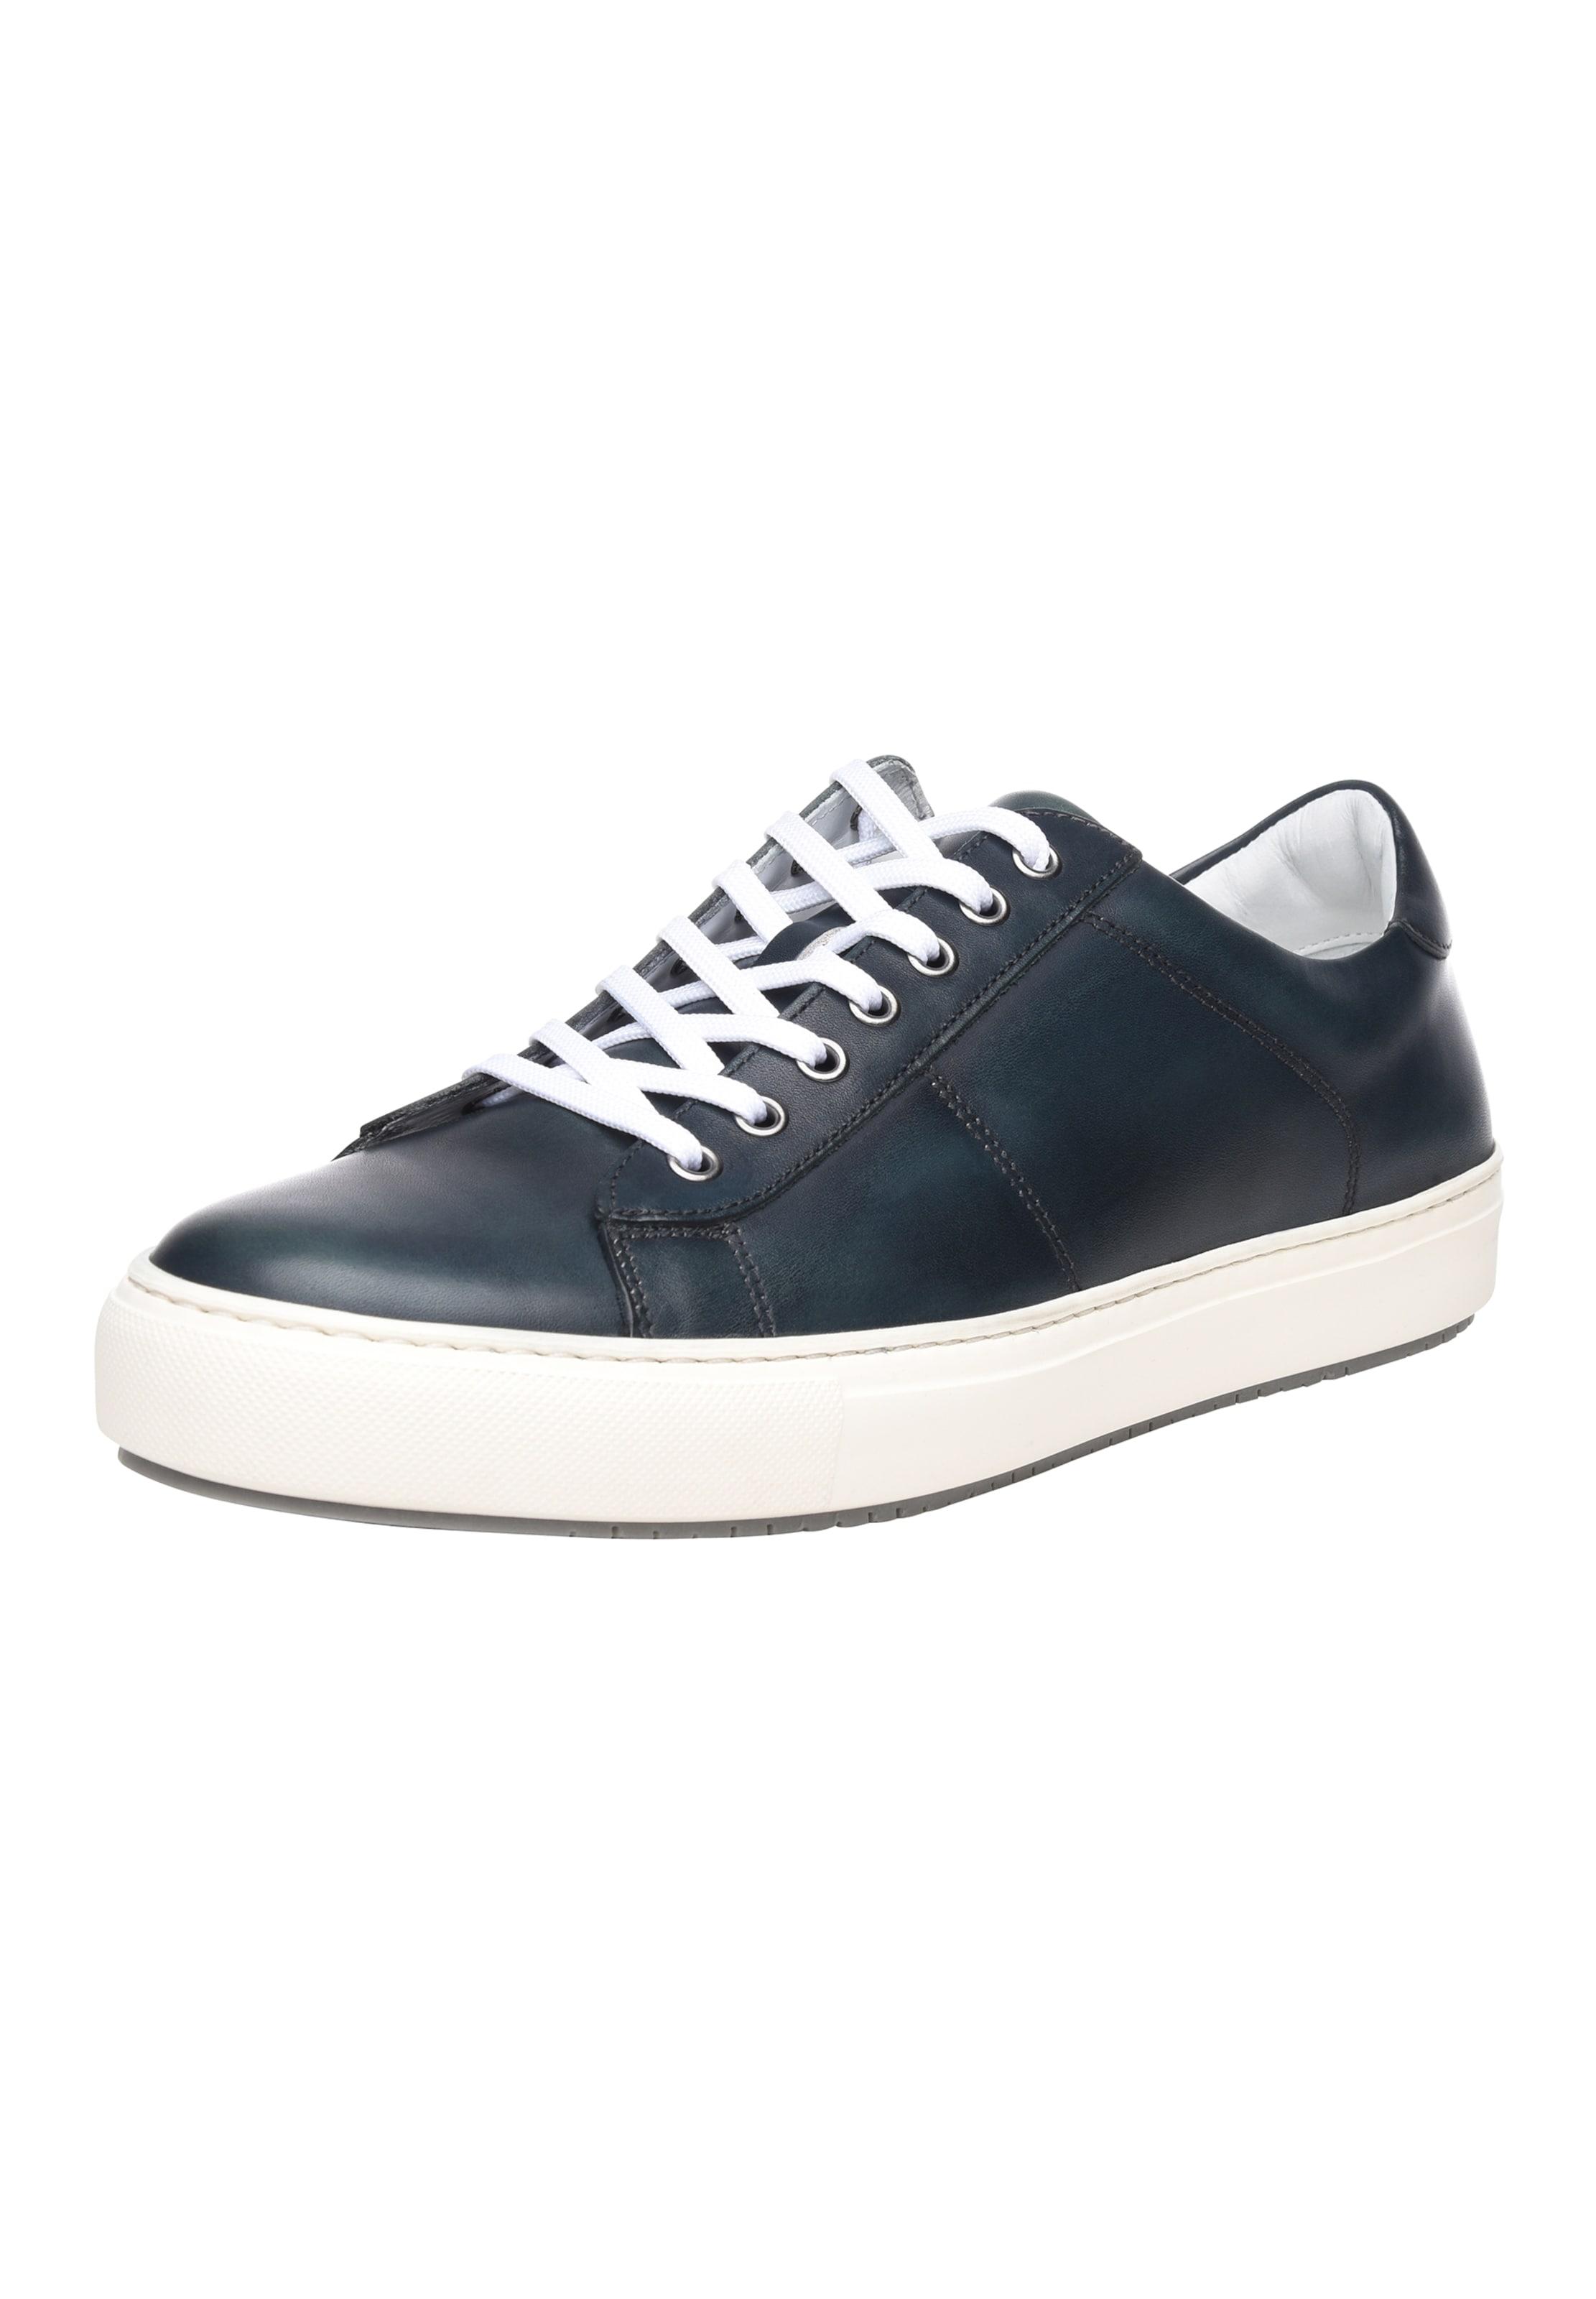 SHOEPASSION Sneaker Verschleißfeste billige Schuhe Hohe Qualität